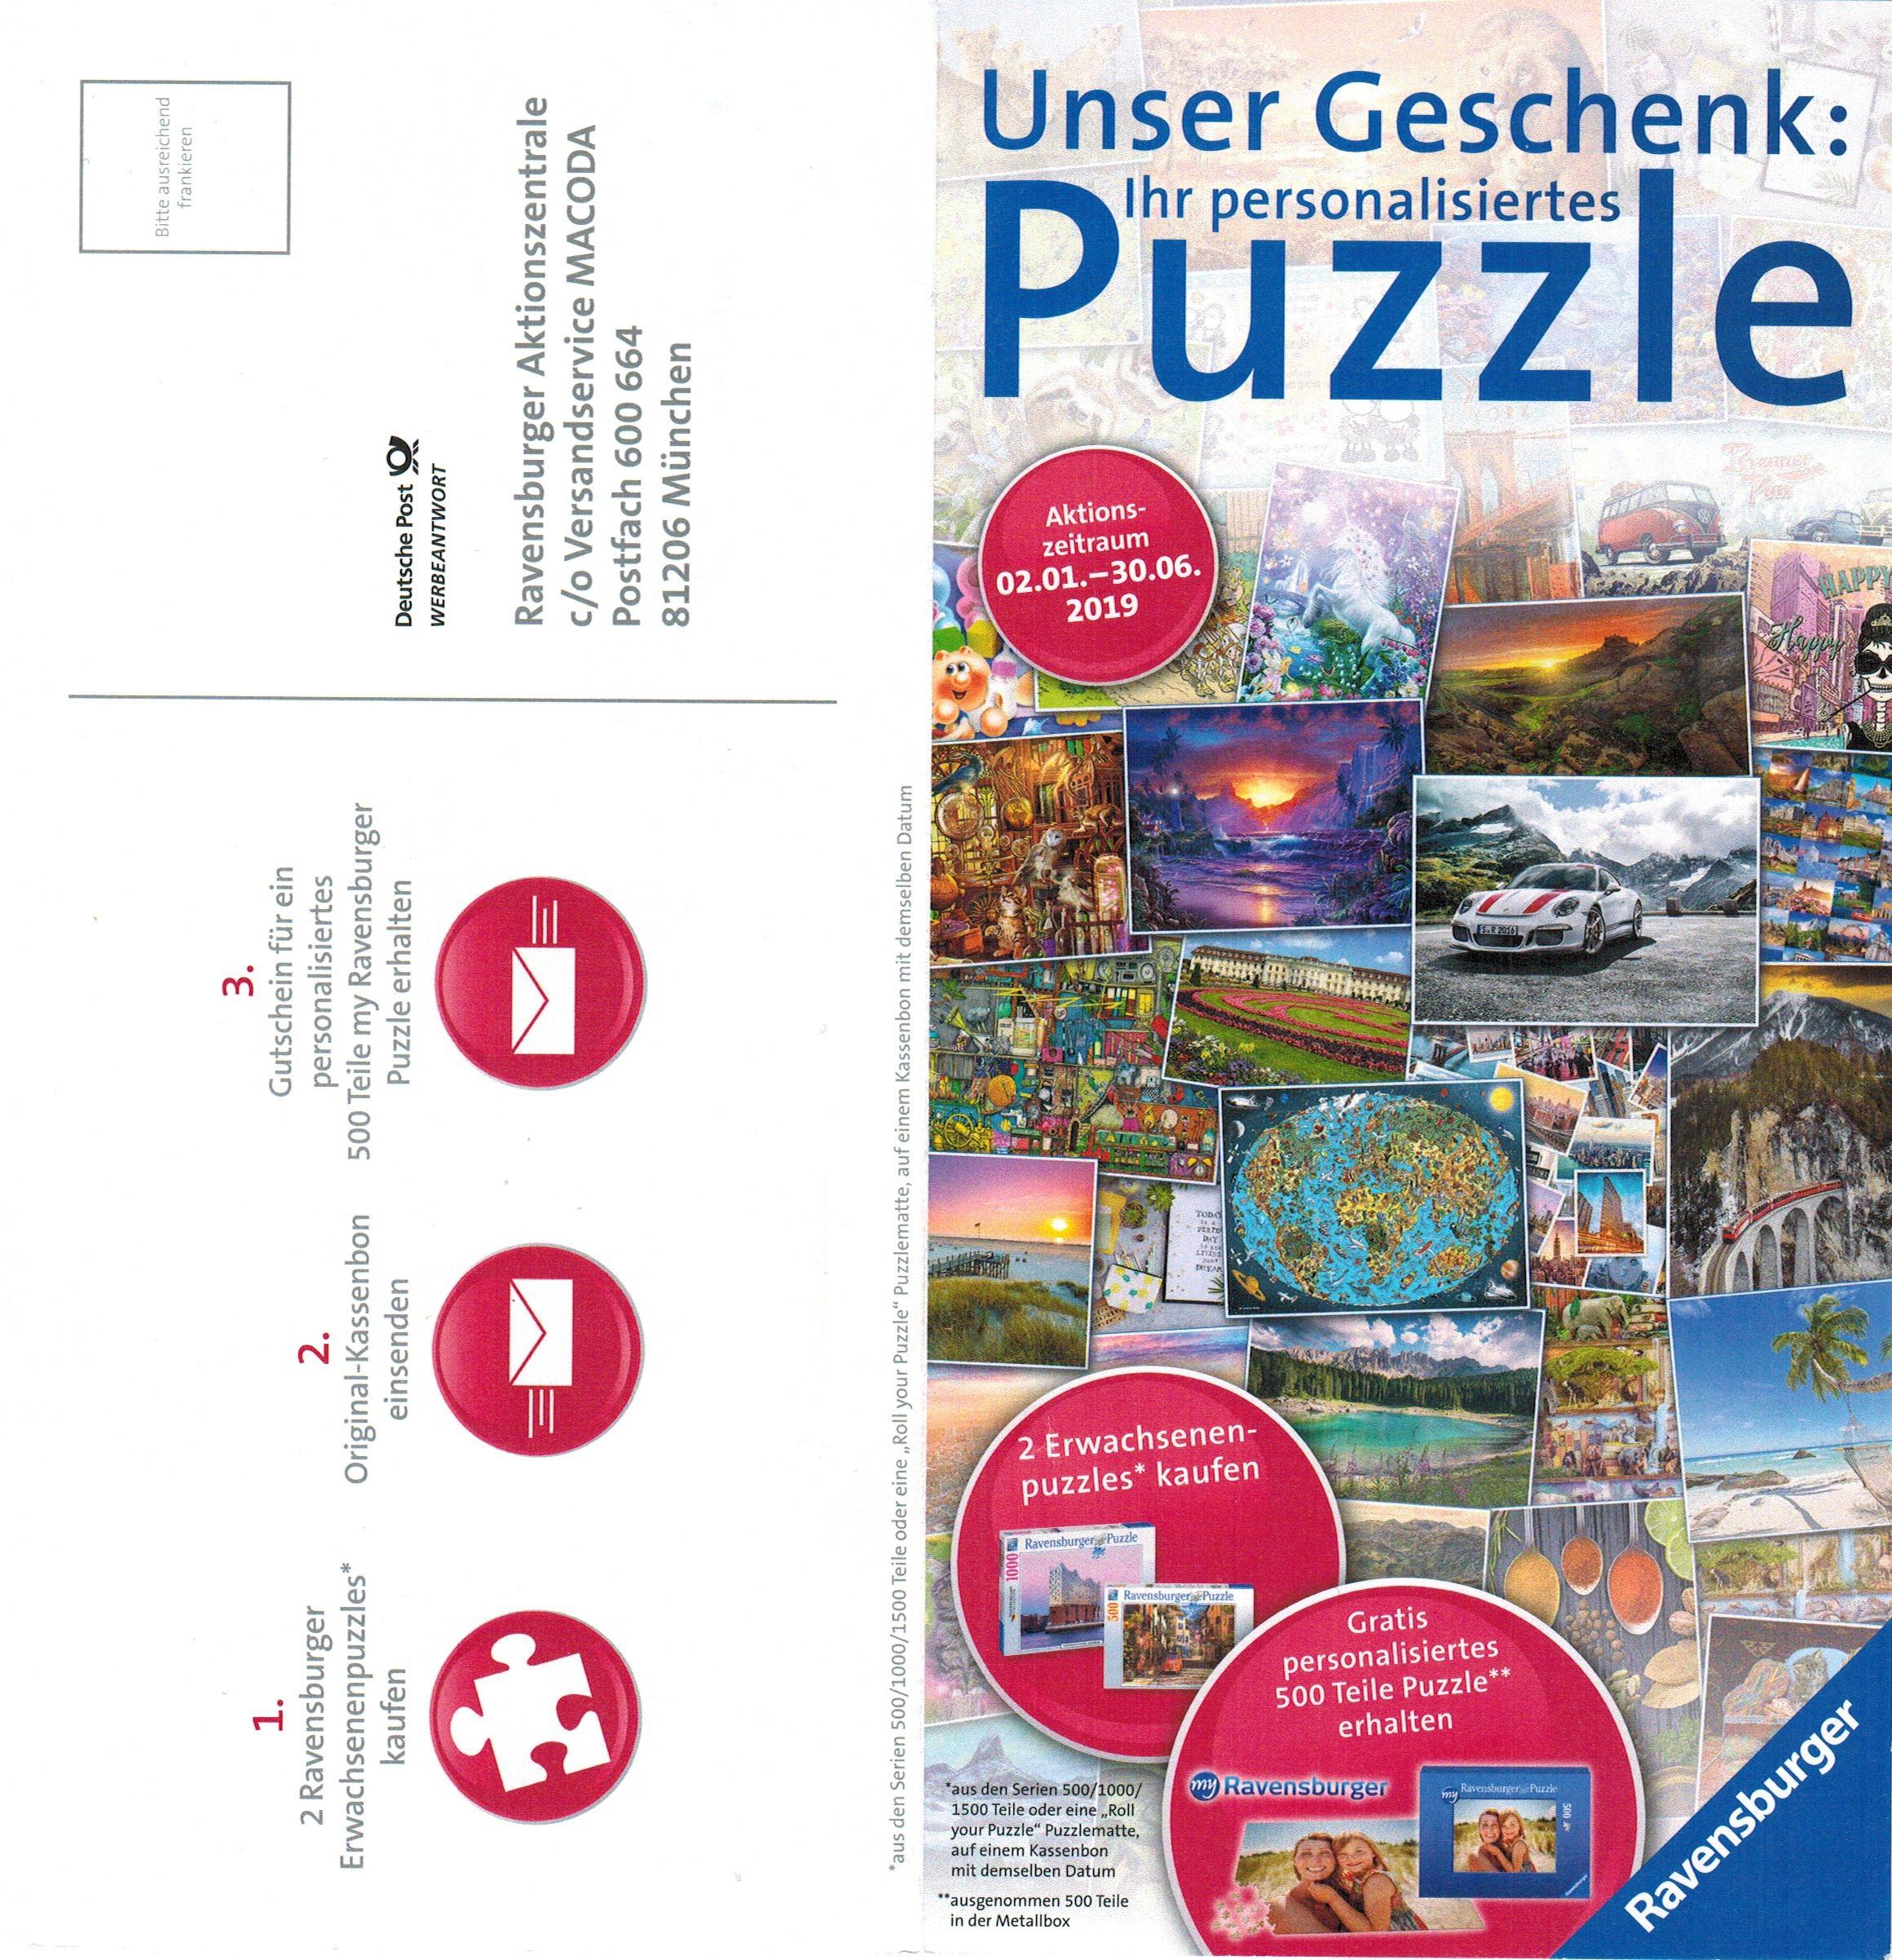 my Ravensburger personalisiertes Puzzle 500 Teile kostenlos beim Kauf von 2 Erwachsenenpuzzles